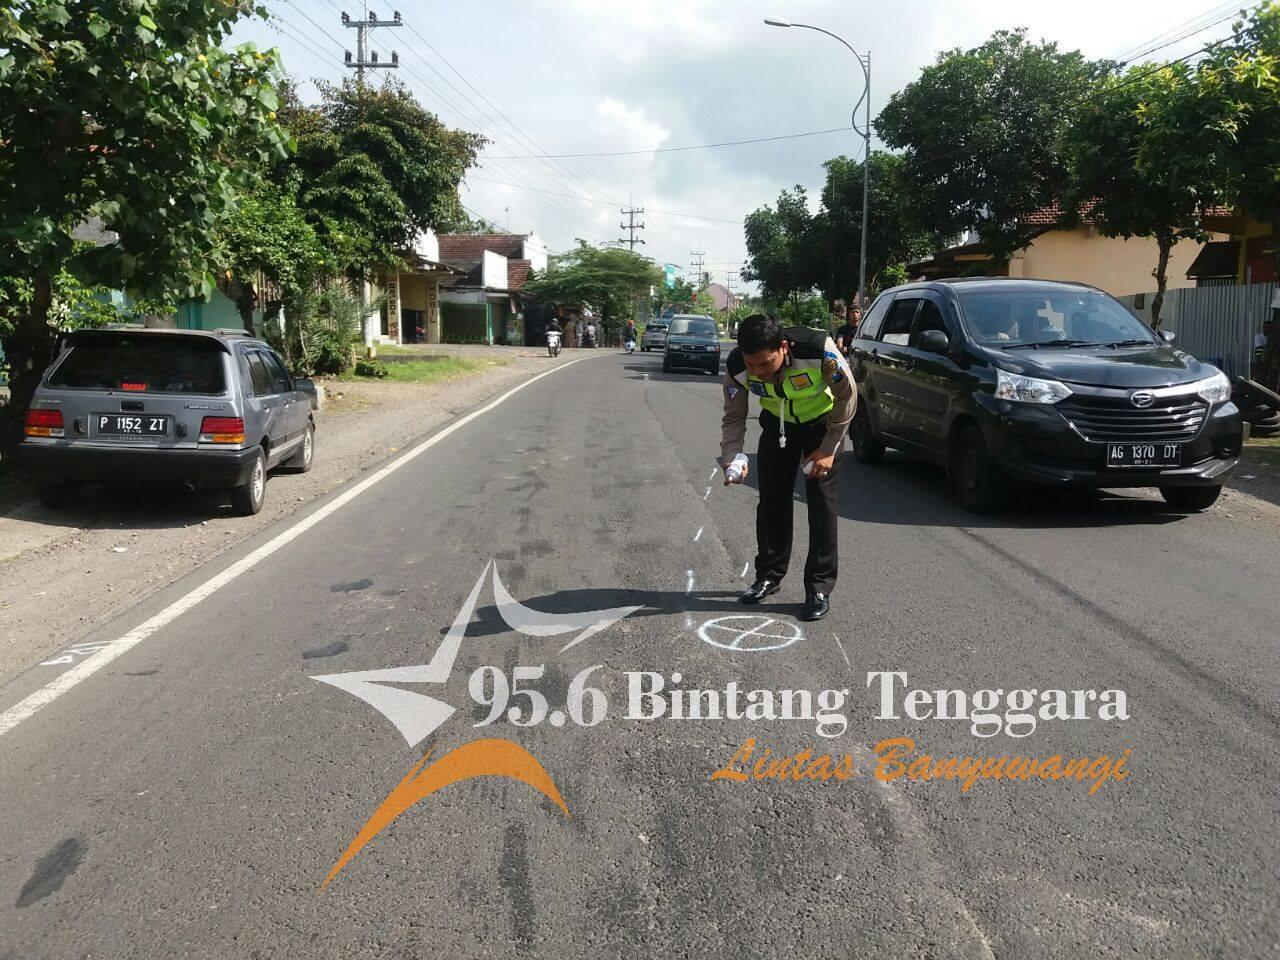 Salah seorang petugas menujukan lokasi kejadian kecelakaan yang melibatkan dua pengendara sepeda motor di Gambiran. (foto. Hatta)